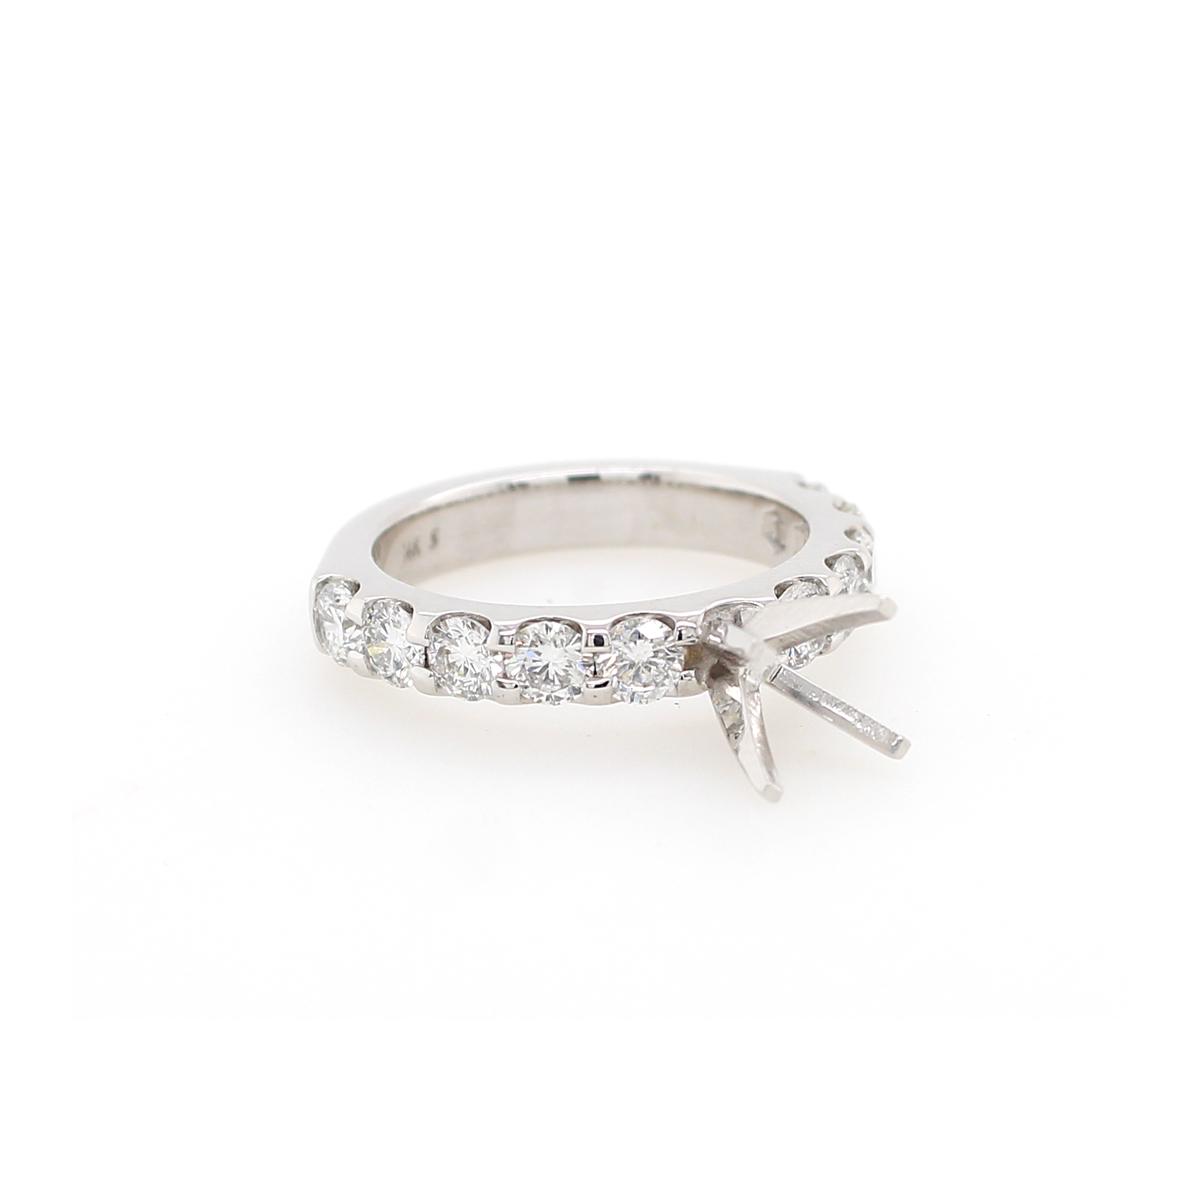 14 Karat White Gold 2 Carat Diamond Semi-Mount Engagement Ring